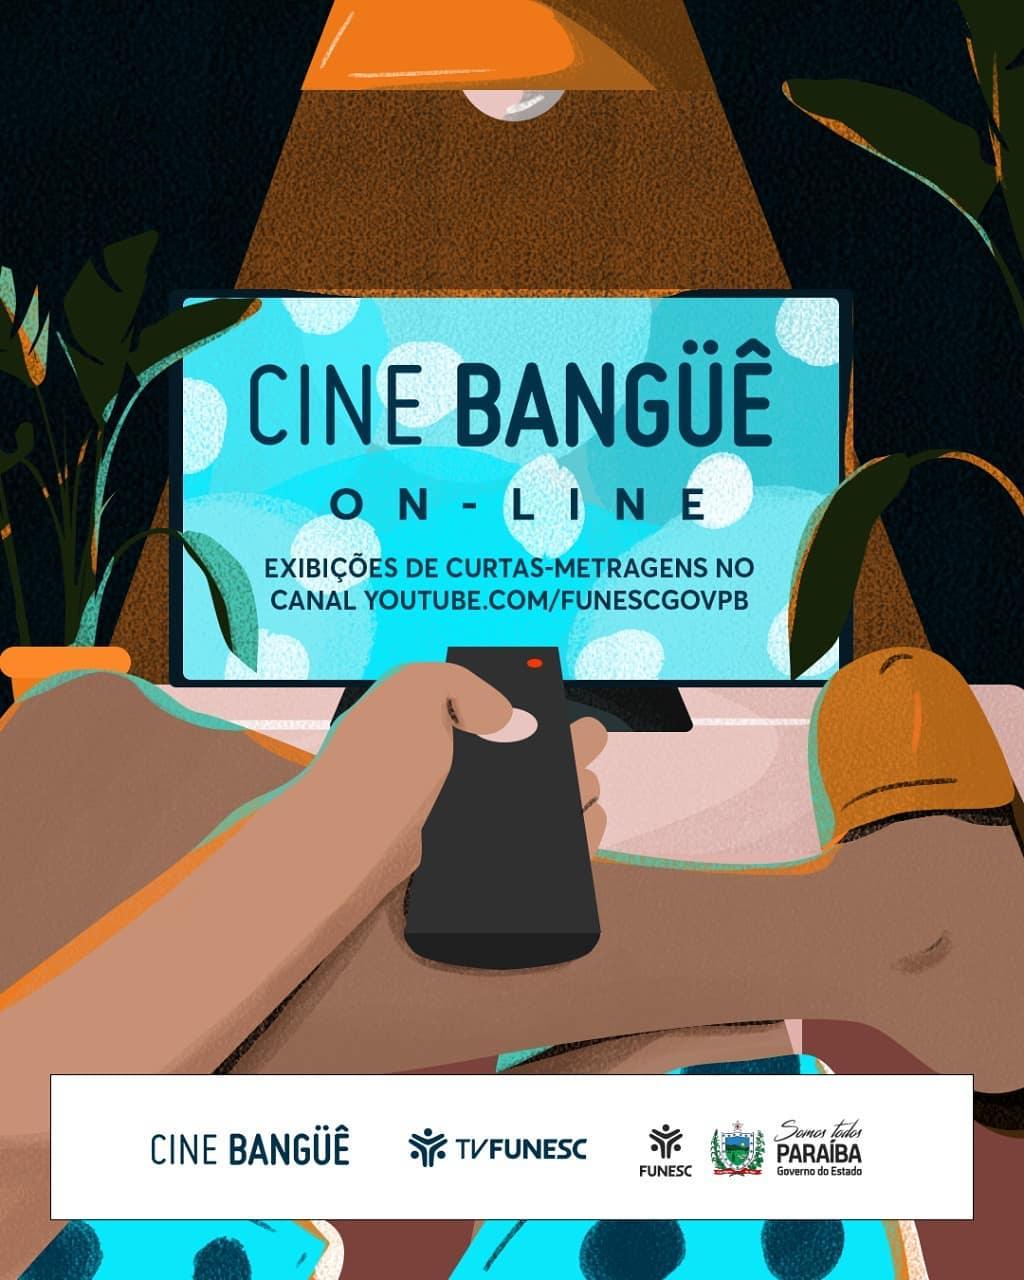 123280805 1063403997413496 202379948409854651 o - Cine Banguê Online estreia nesta sexta com exibição única pelo Youtube